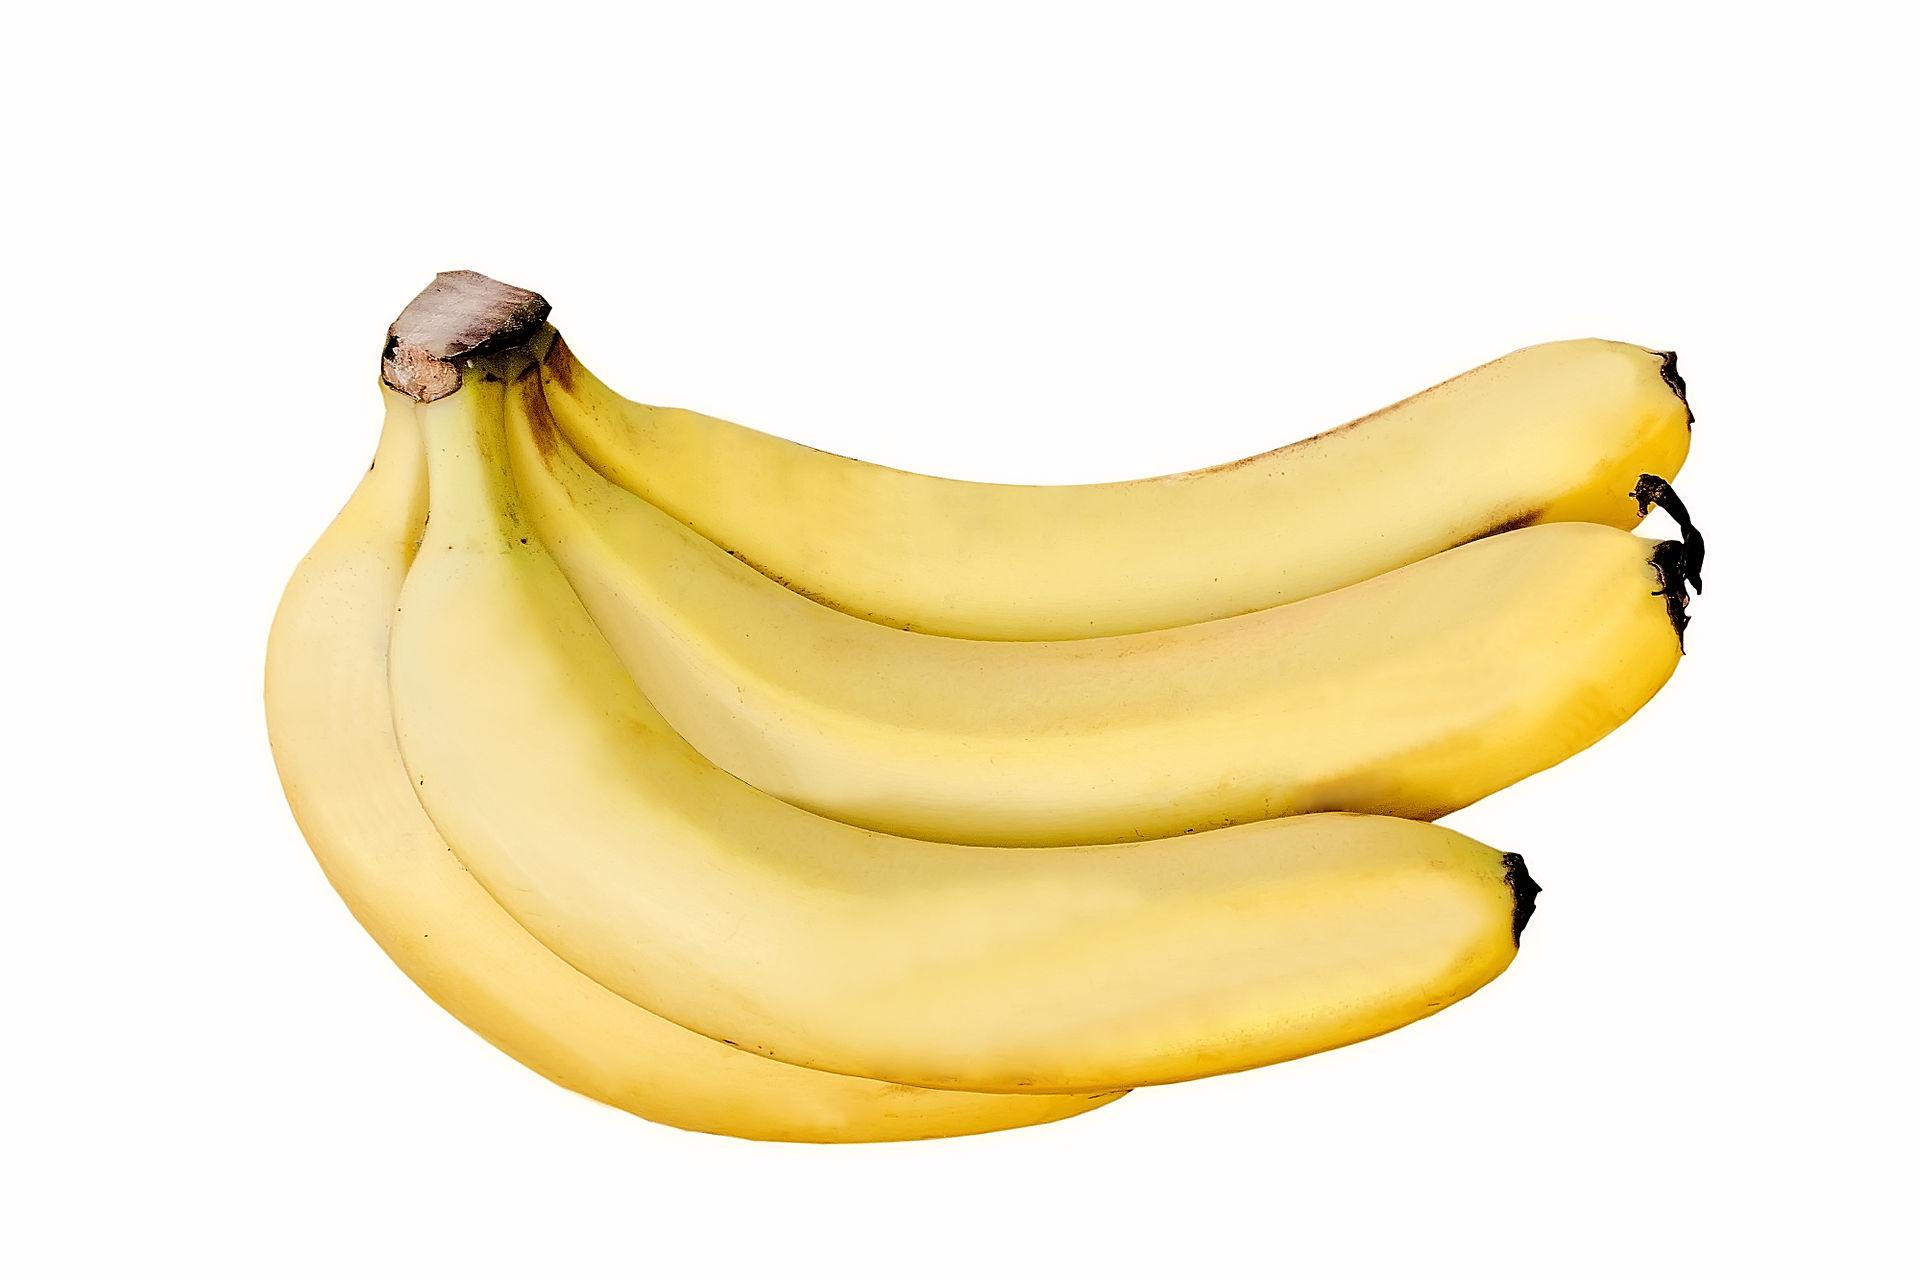 cavendish banana wikipedia